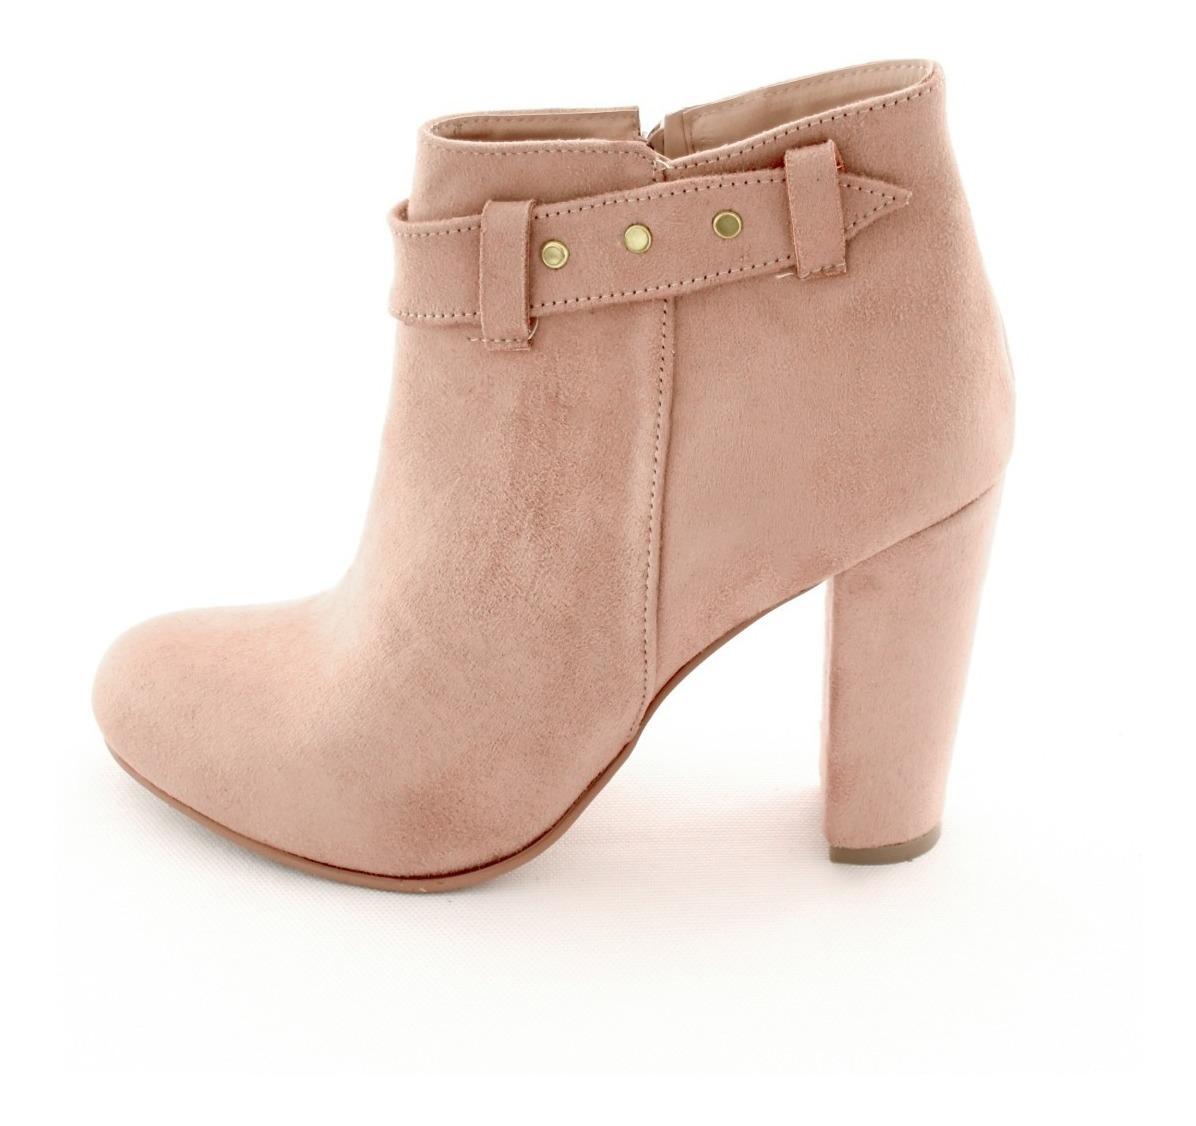 Ancho Mujer Zapatos Gamuza Dama Tacon M4290449 00 Botin Beige myN8wOvn0